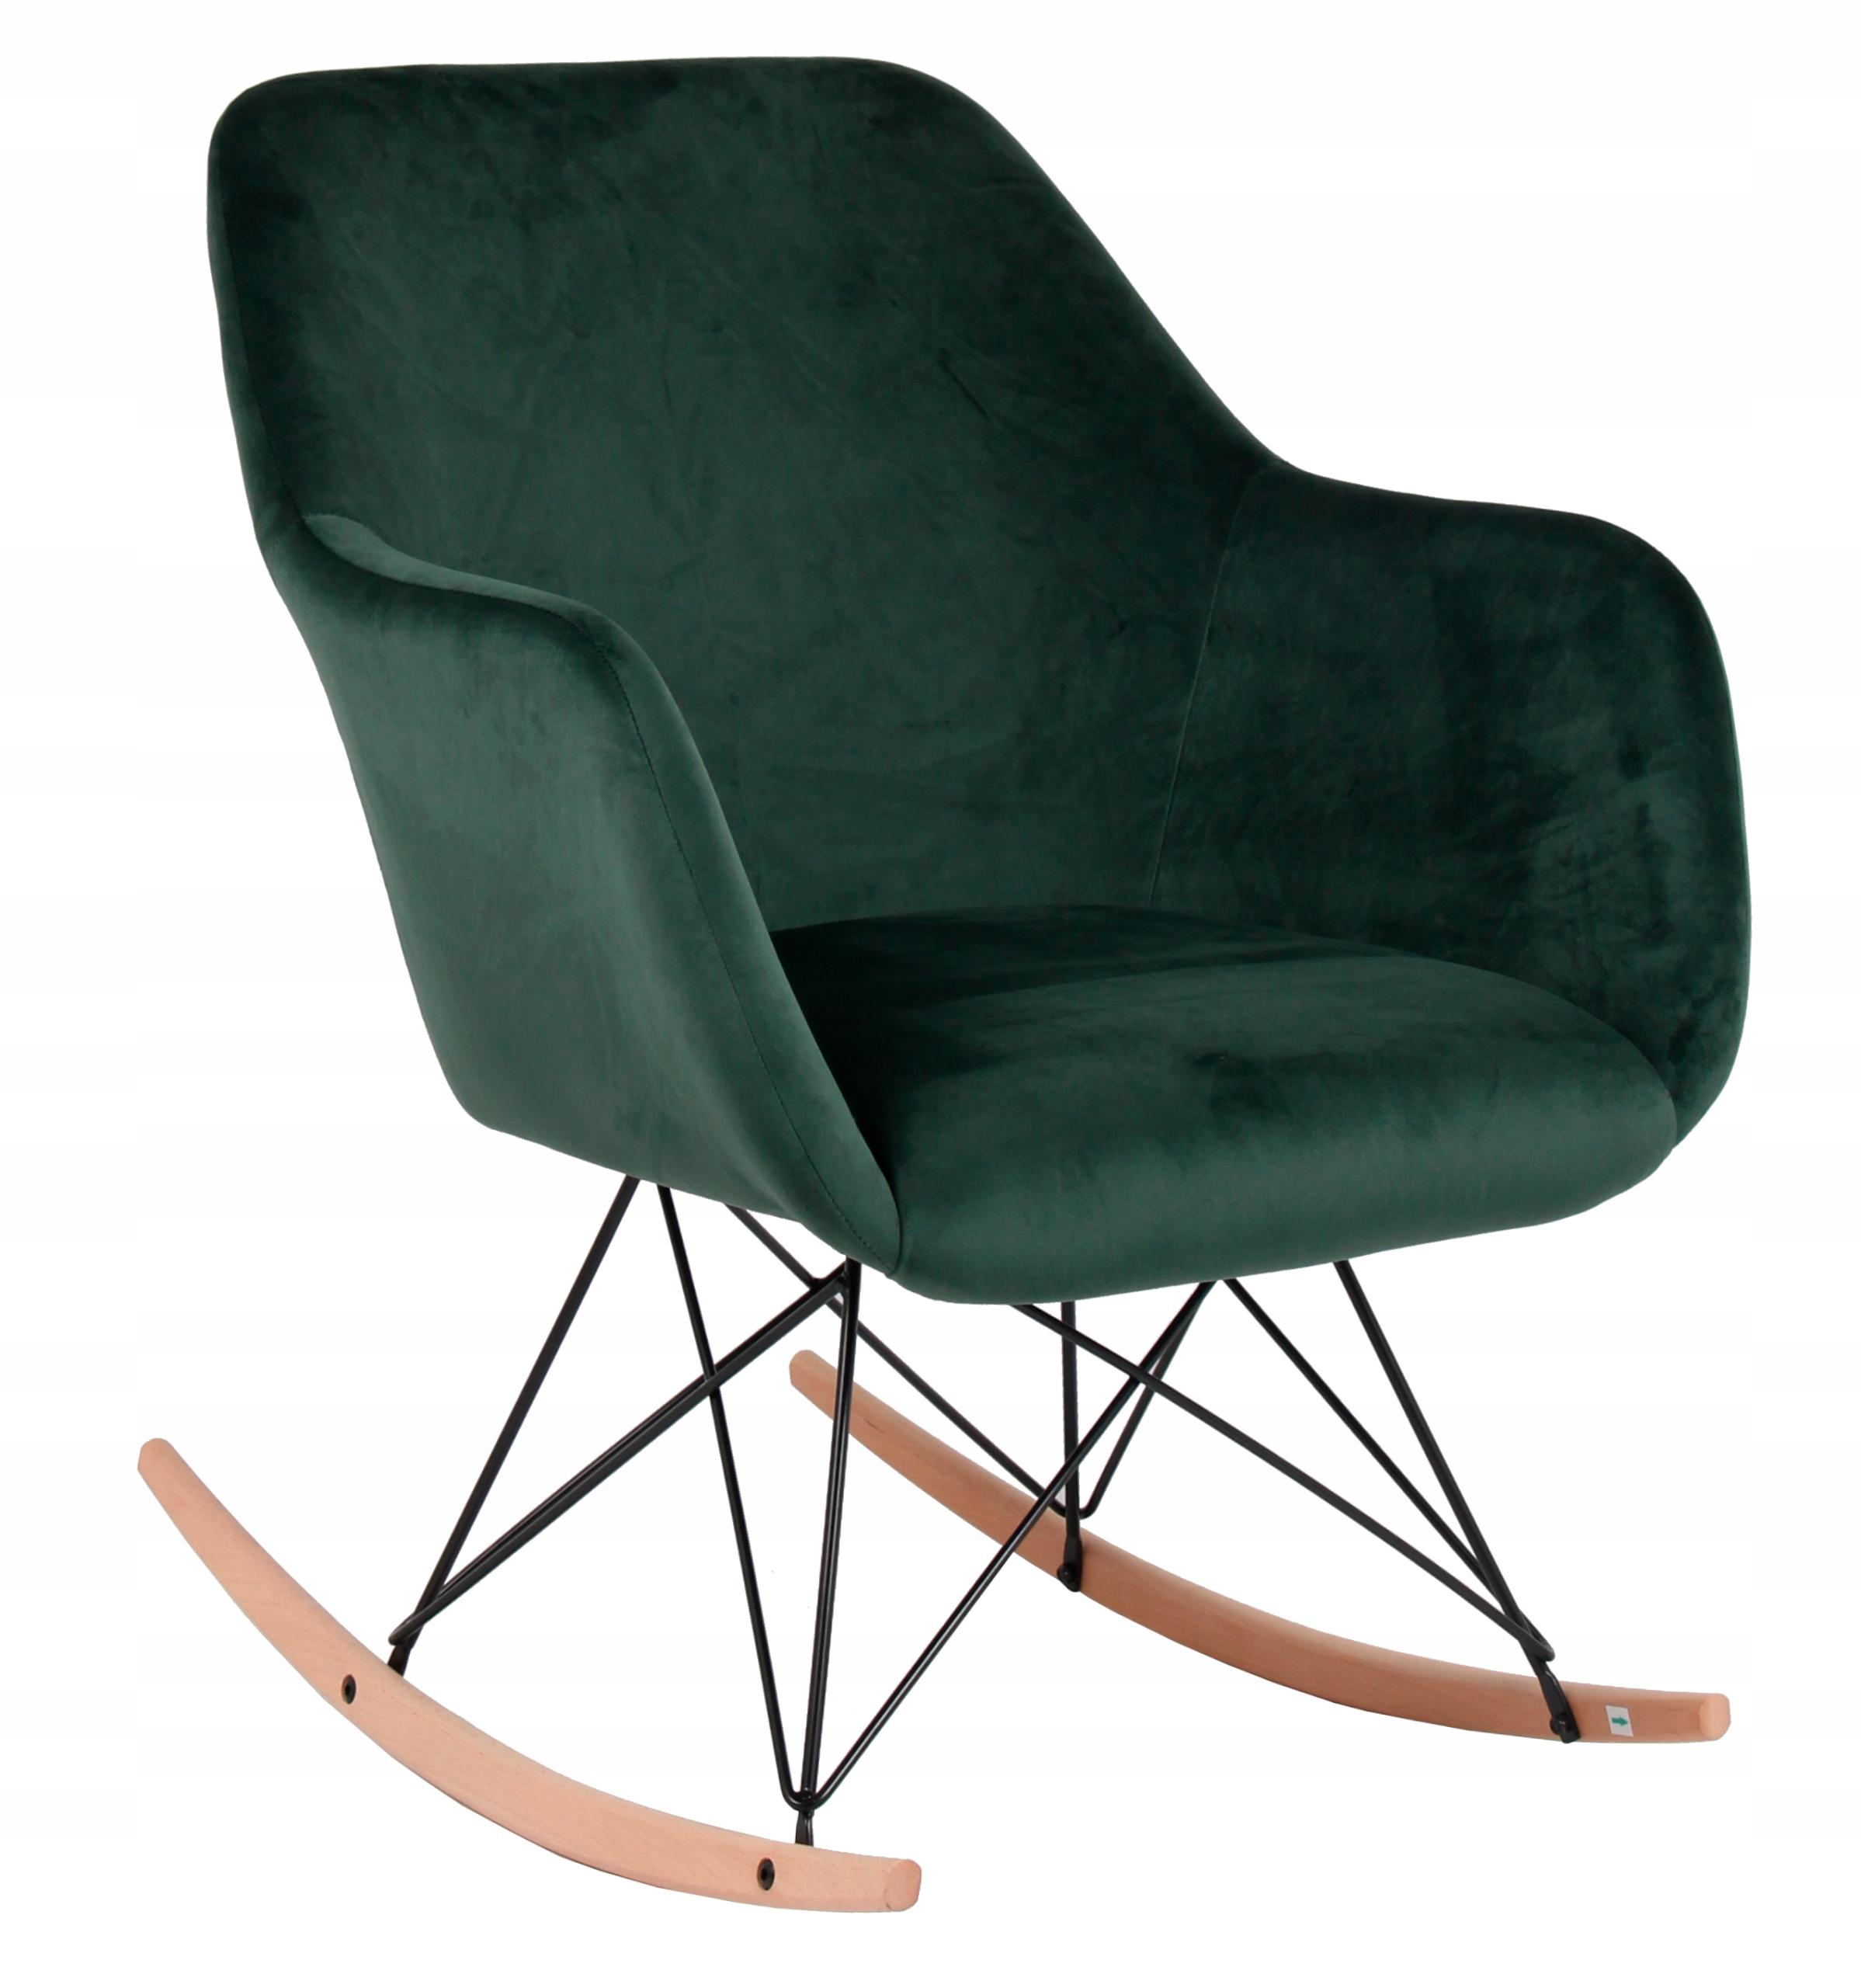 Кресло-качалка обитое Пол бархат зеленый